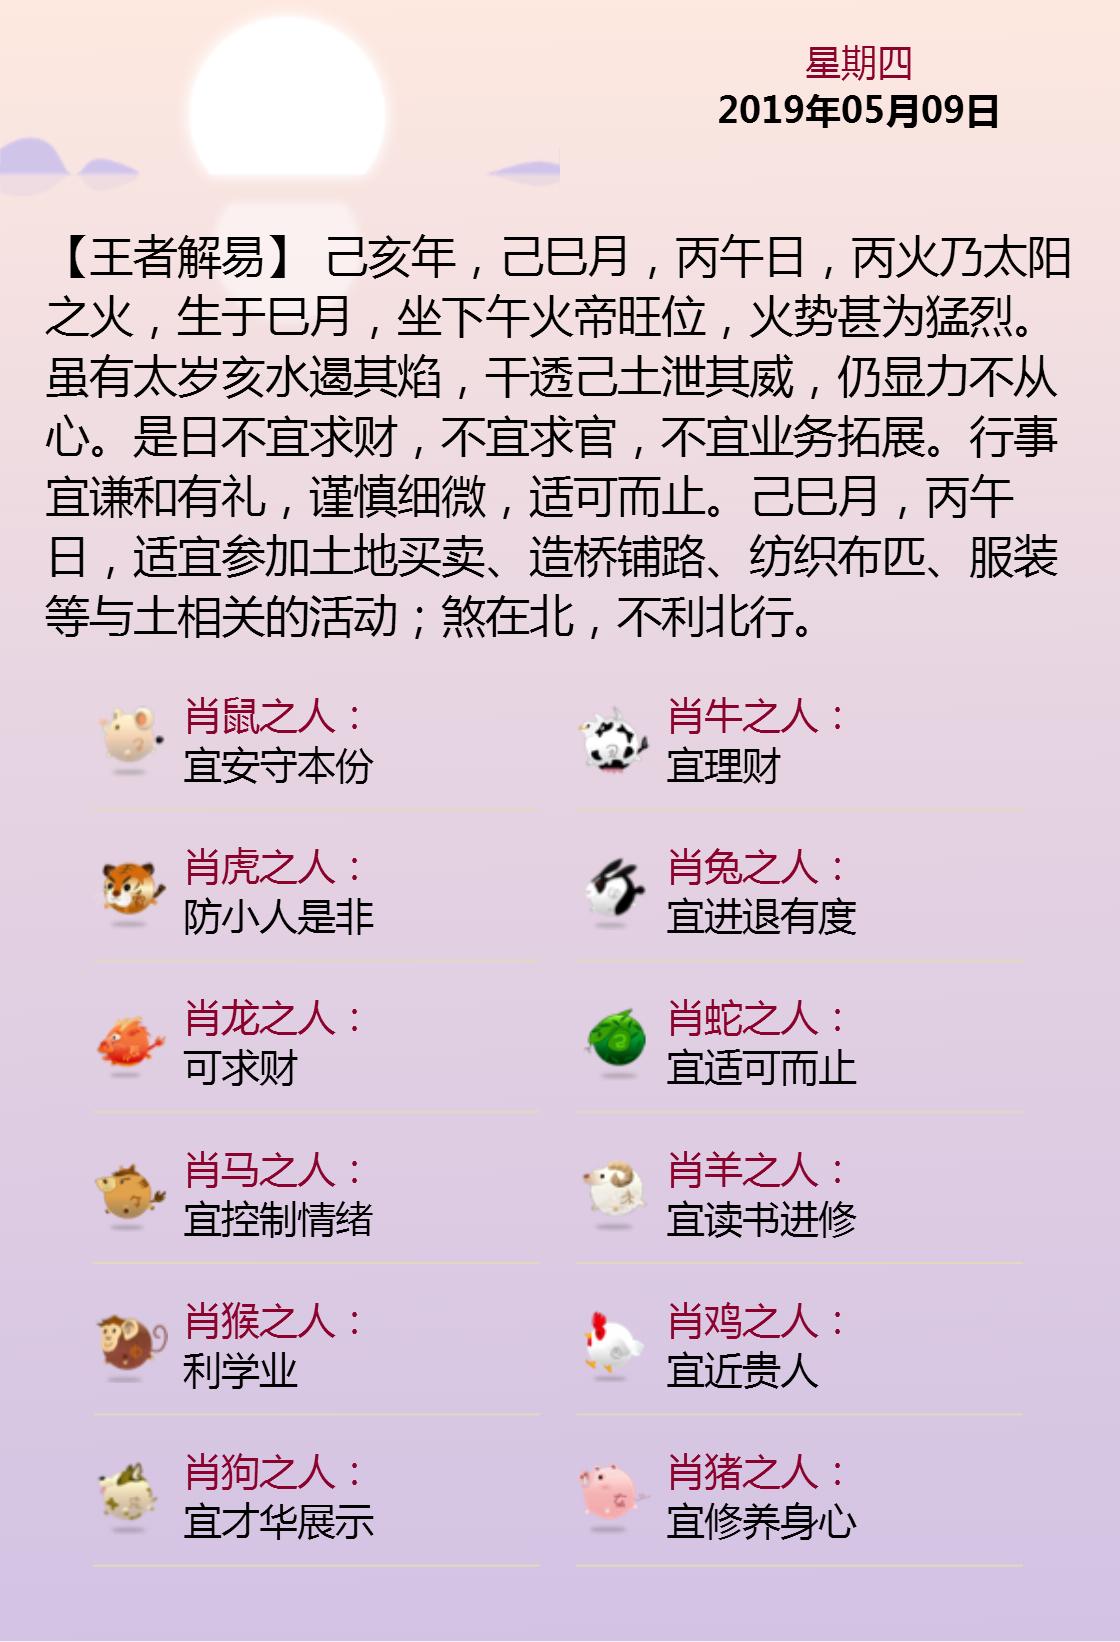 黄历海报20190509.png